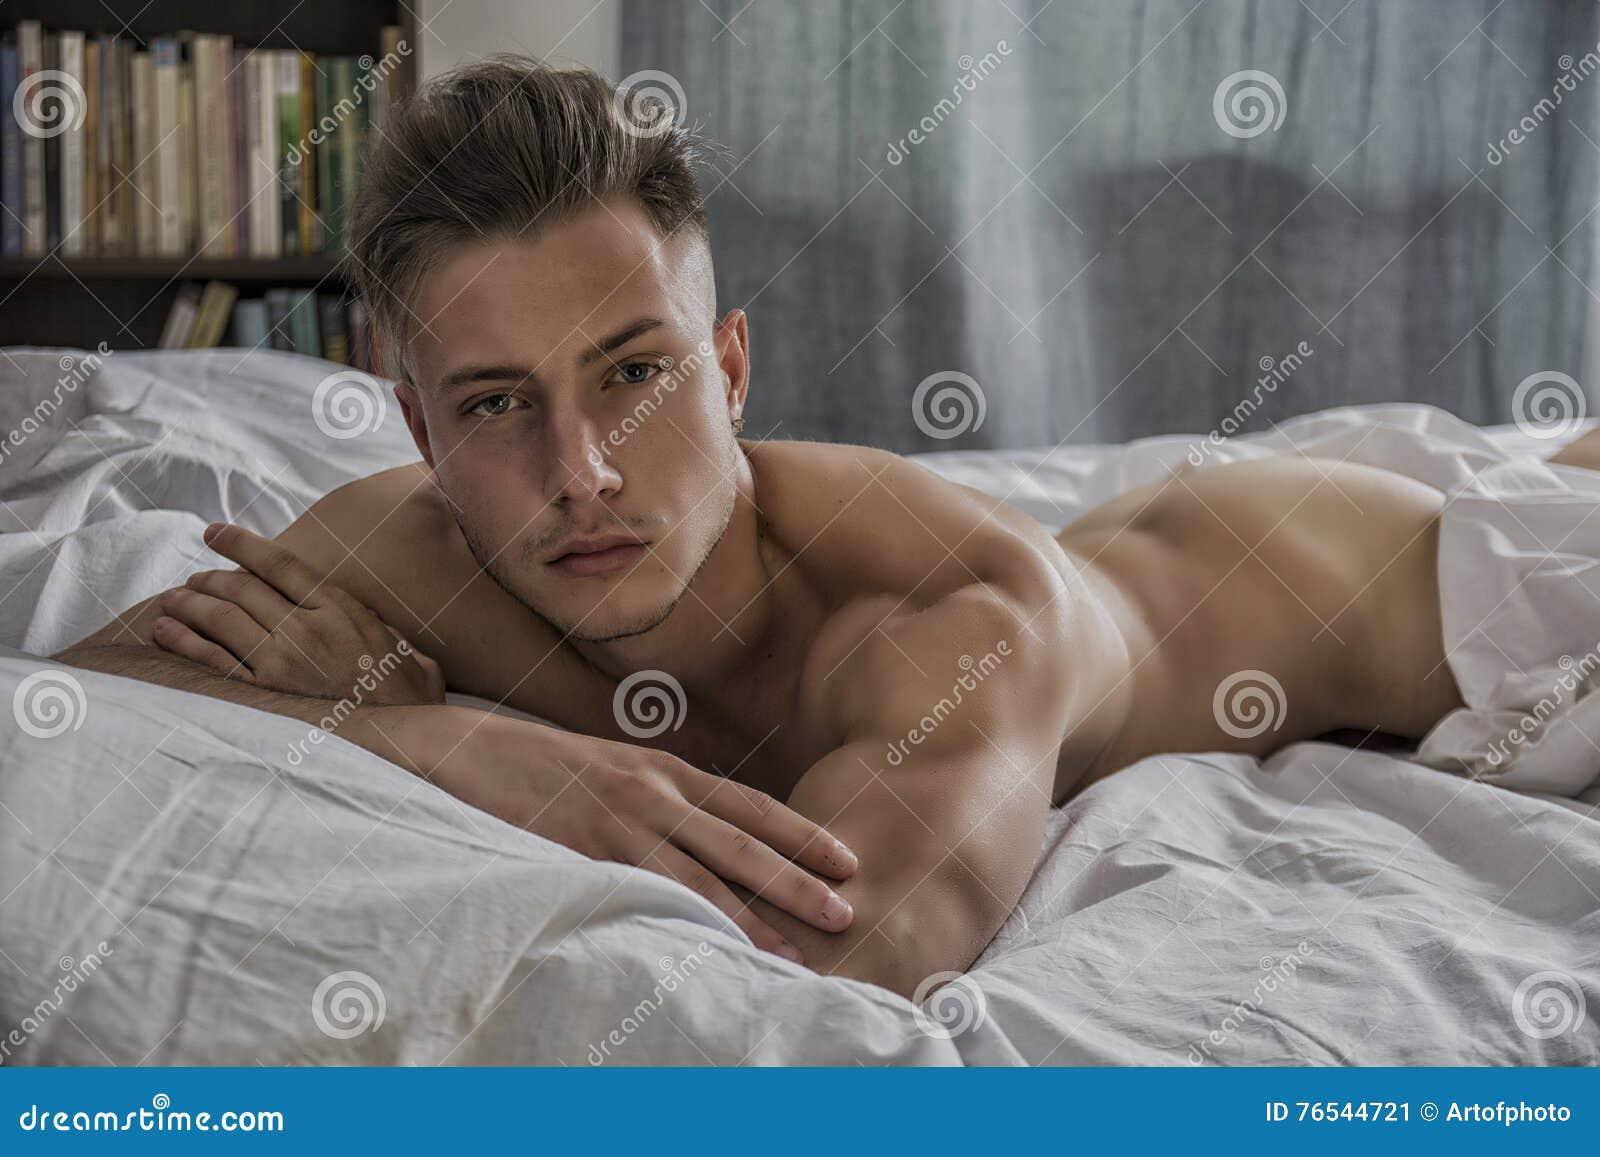 lesbica Zombie porno